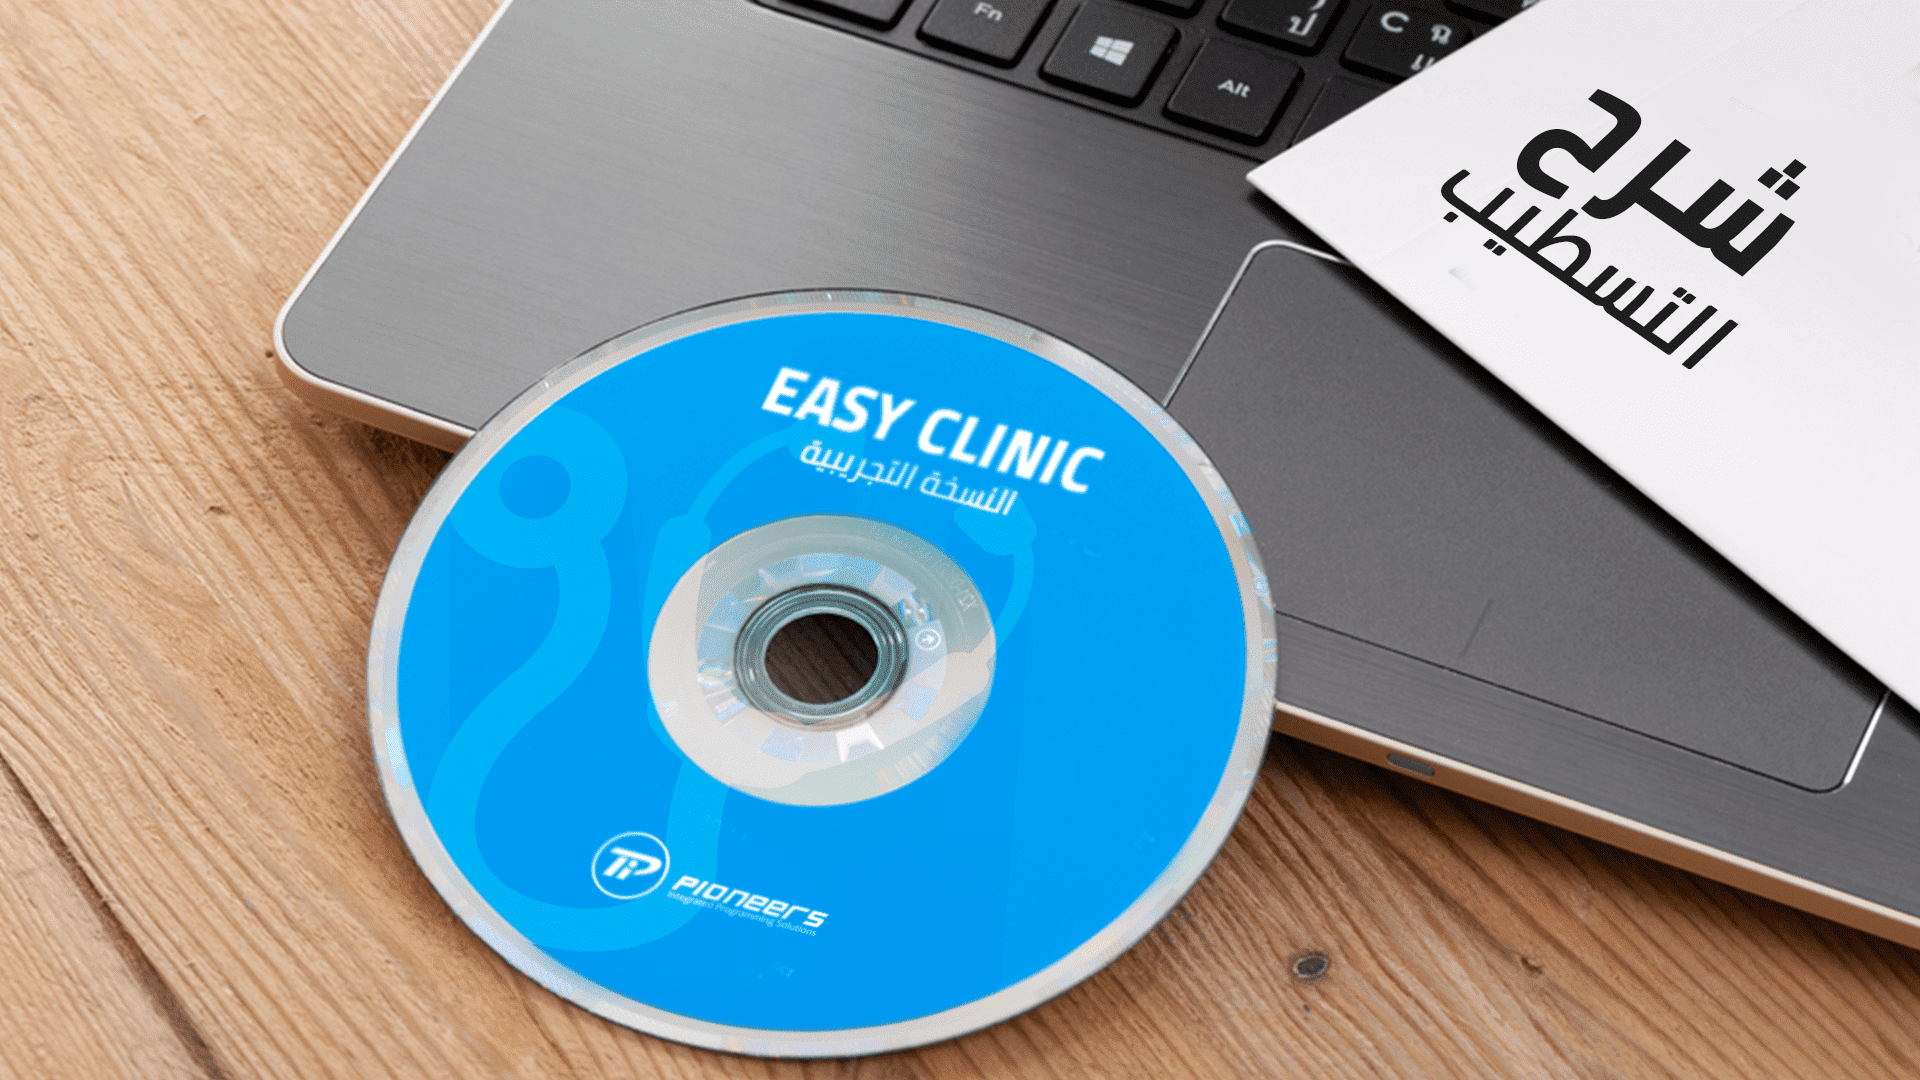 شرح تسطيب و تحميل برنامج Easy Clinic أفضل برنامج إدارة العيادات والمراكز الطبية Public Company Information Technology Clinic